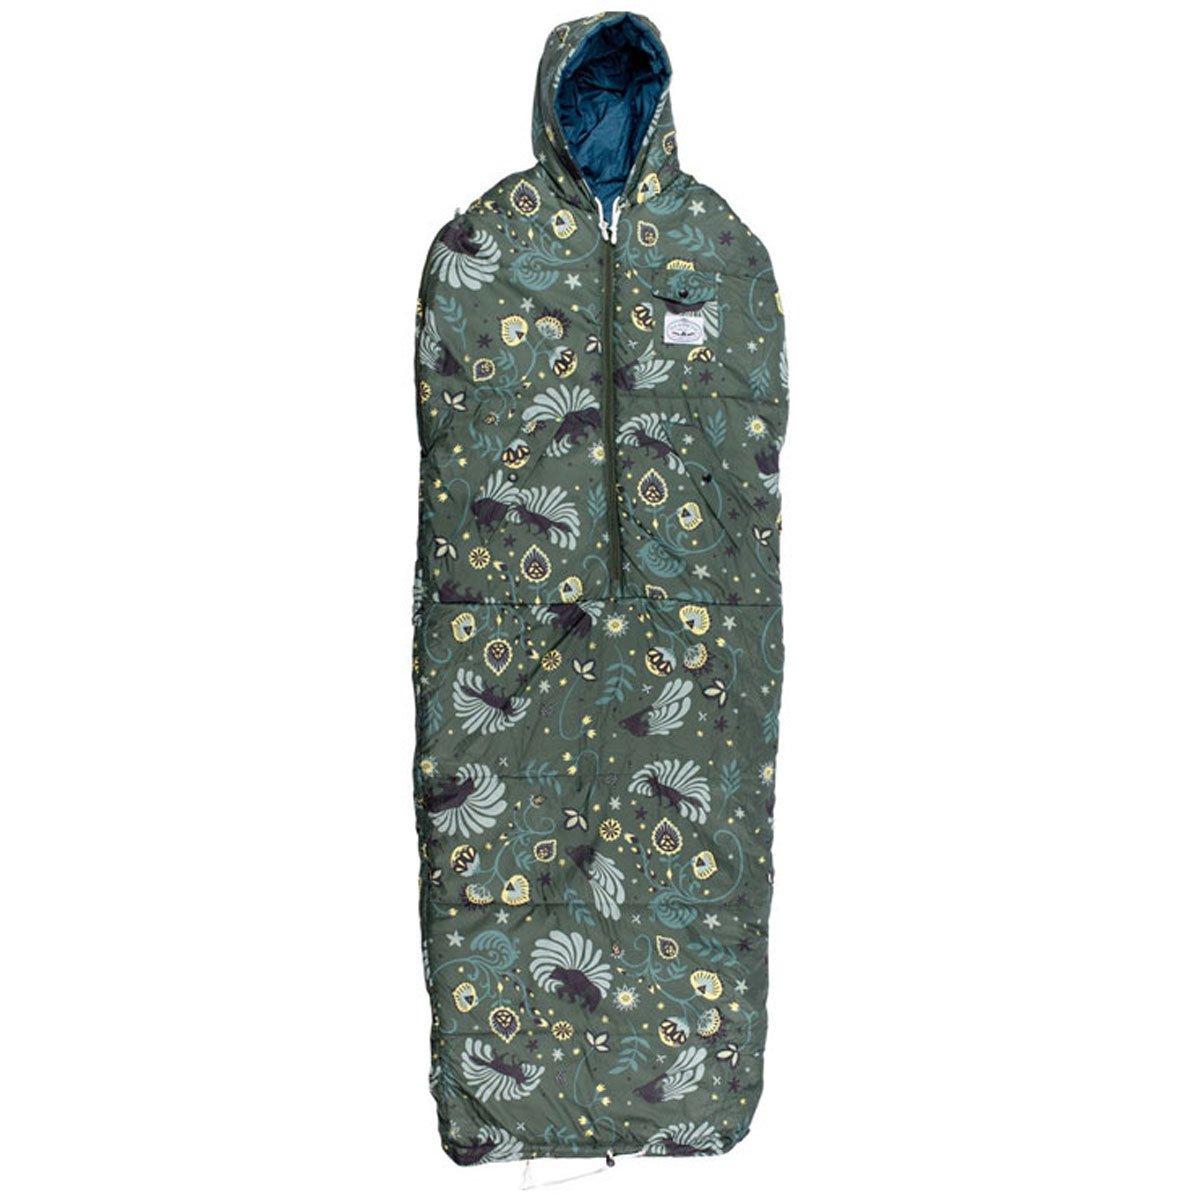 [ポーラー] POLER 正規品 アウトドア 寝袋 NAPSACK B01JA5D7ZA L|01 1 L